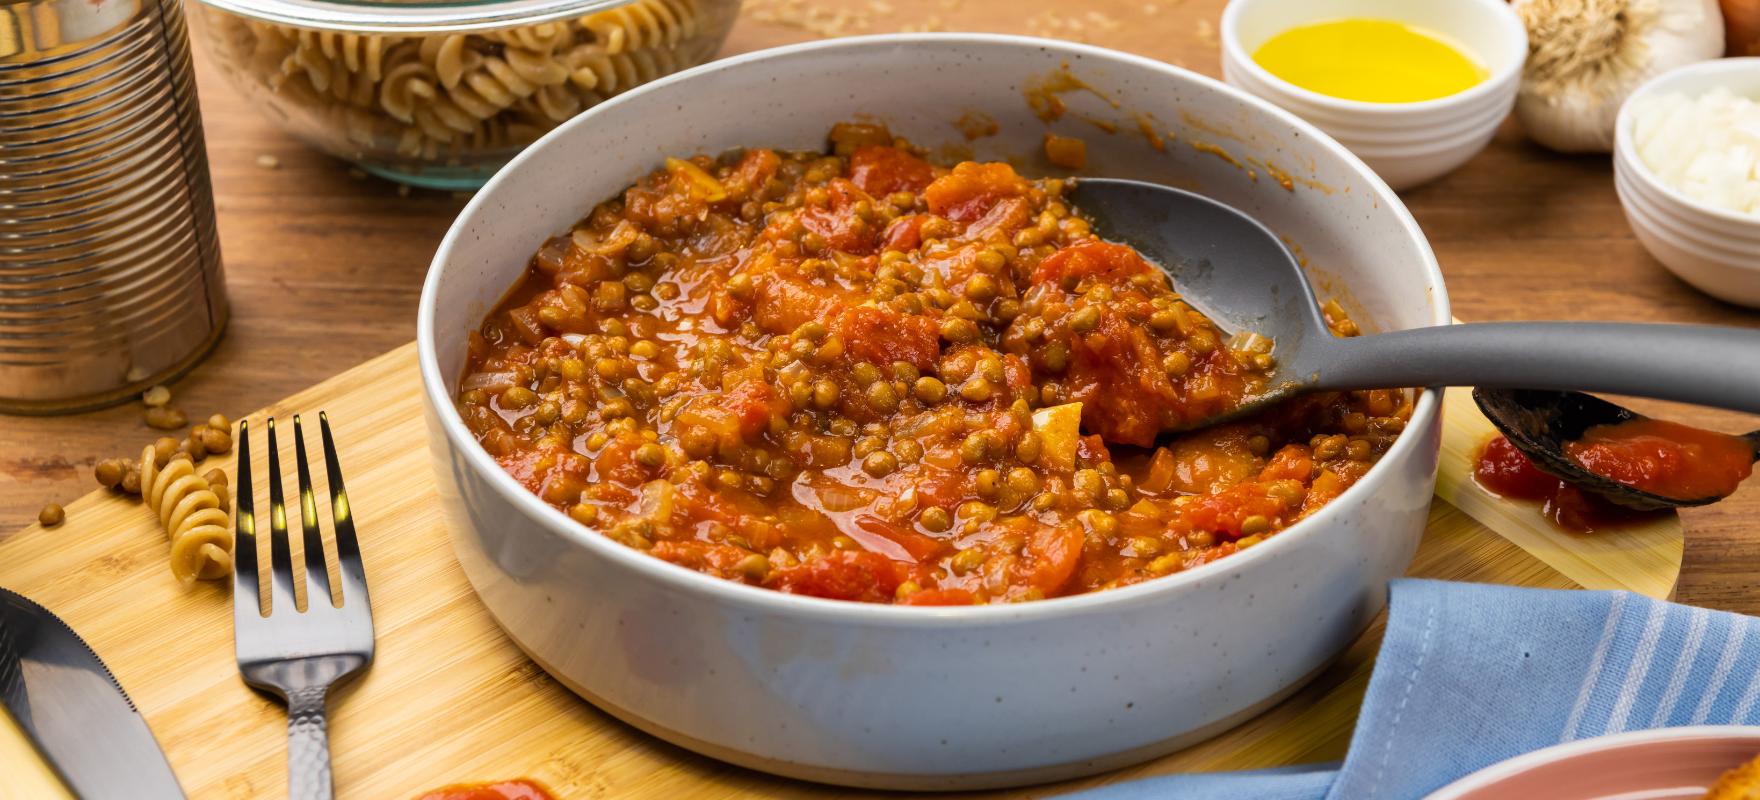 Bolognaise sauce image 1